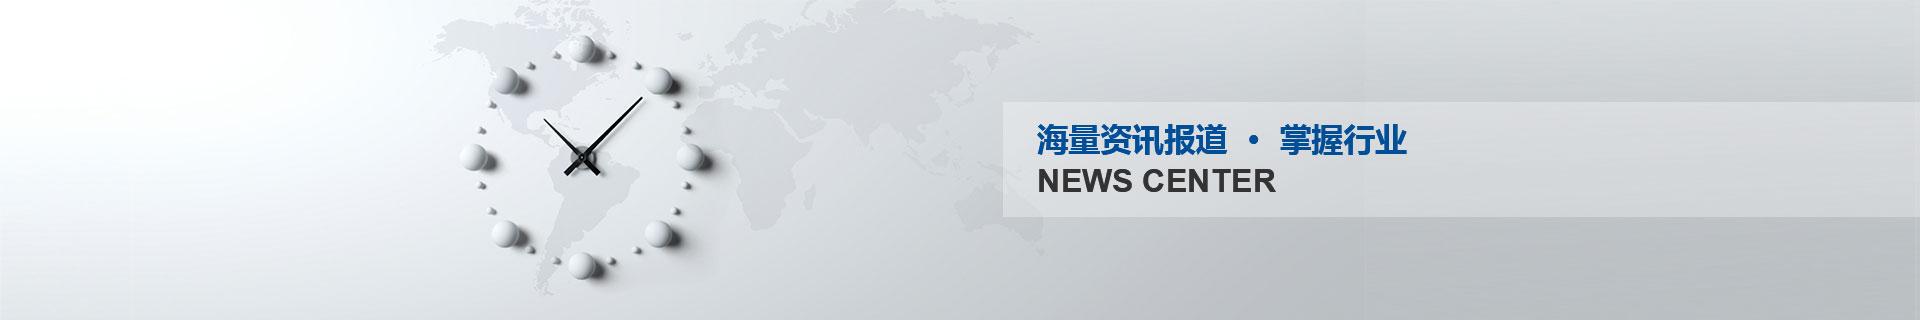 足球吧官方网站_授权官网中心